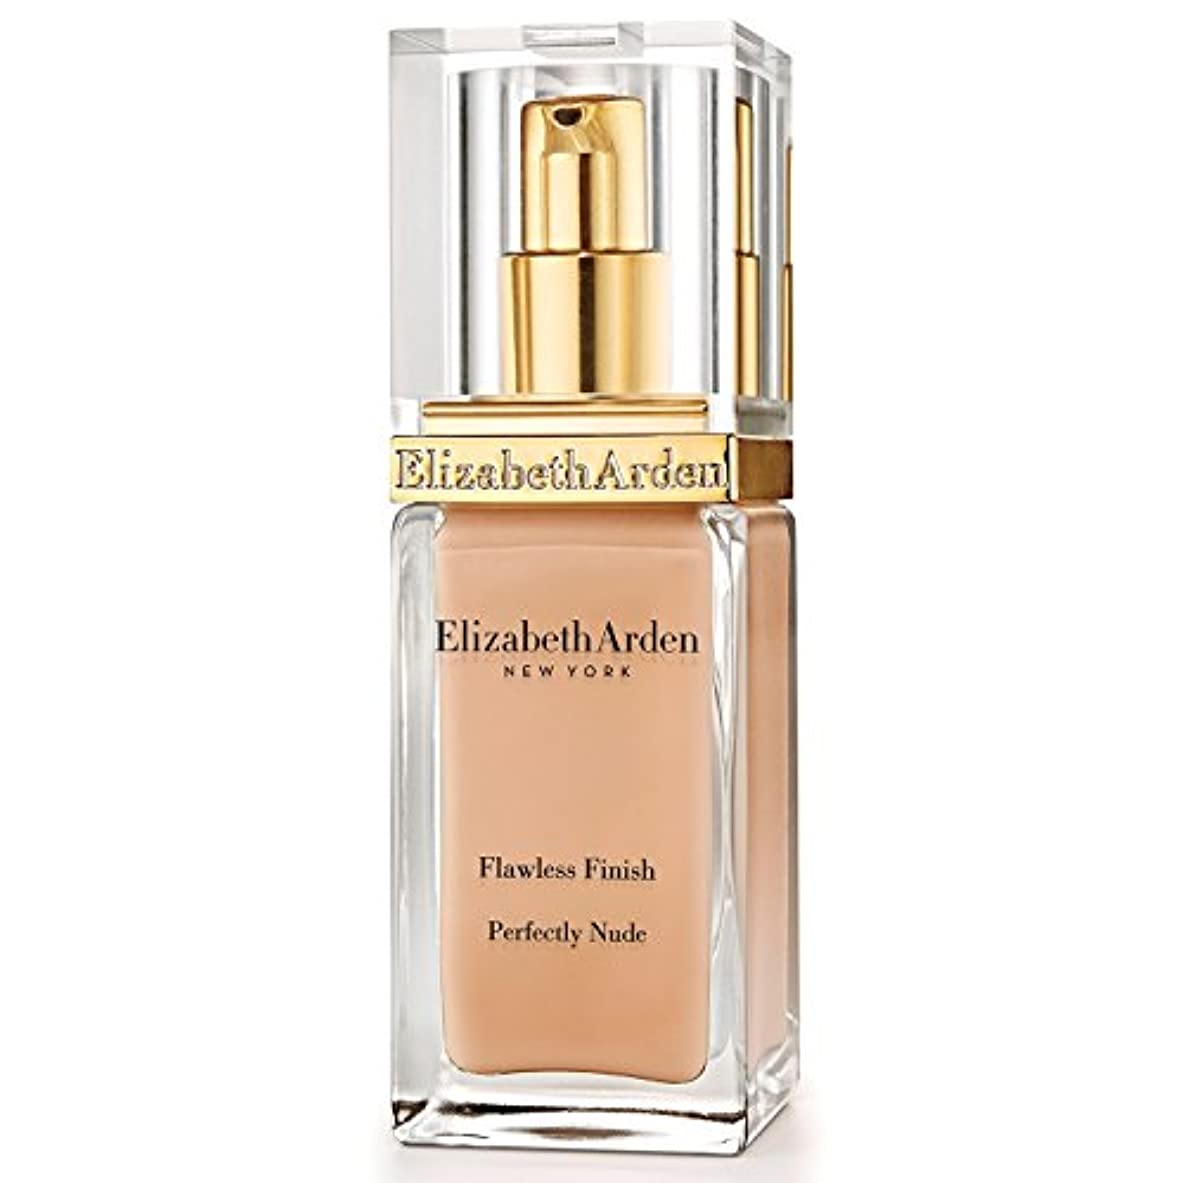 軽バナー探検エリザベスアーデン完璧な仕上がり完璧ヌードファンデーション 15スパイス x4 - Elizabeth Arden Flawless Finish Perfectly Nude Foundation SPF 15 Spice...